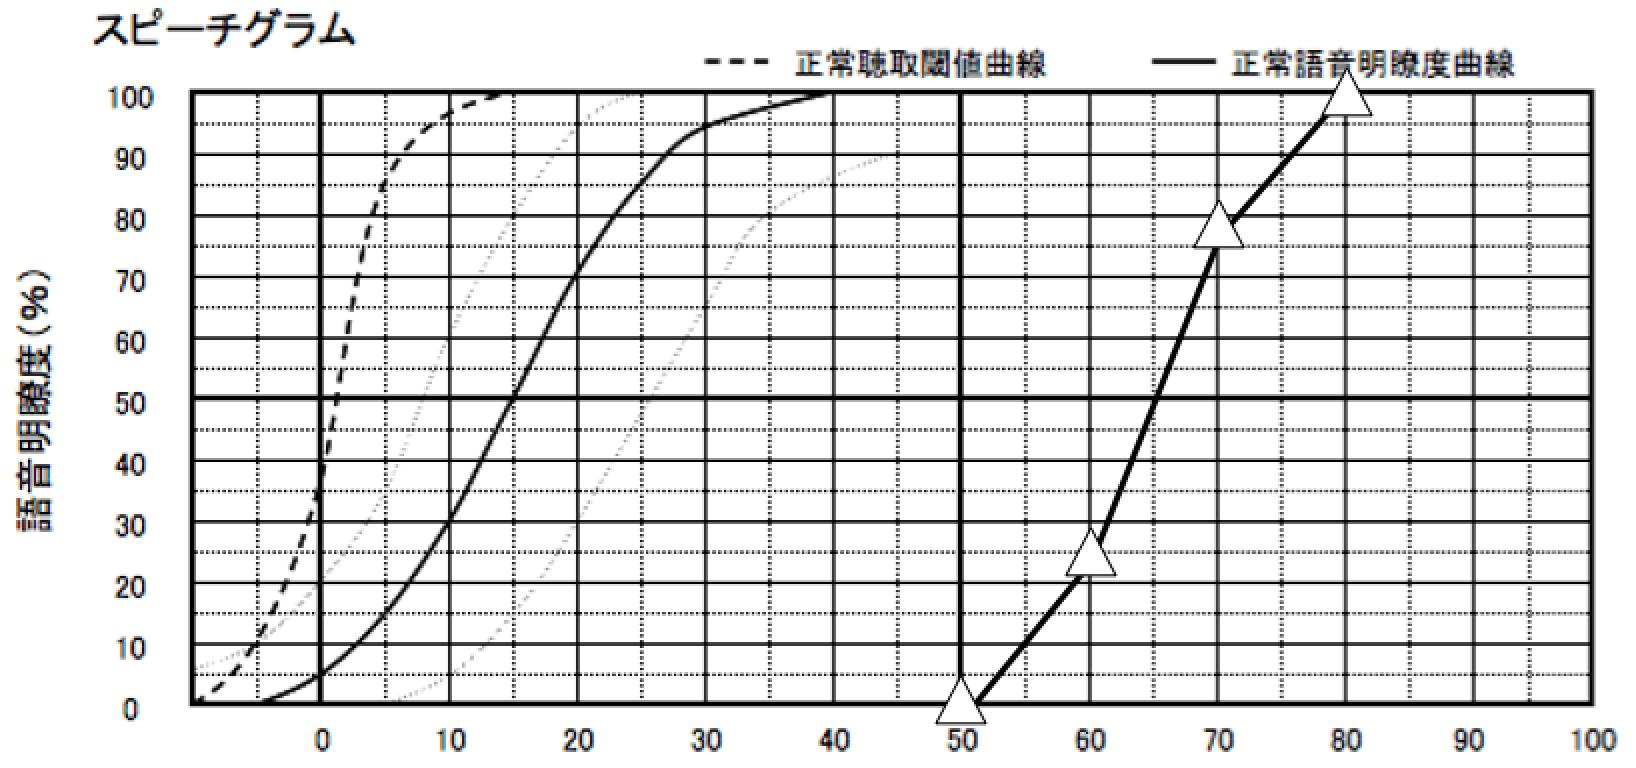 私の語音明瞭度測定結果(補聴器なし、スピーカー使用)